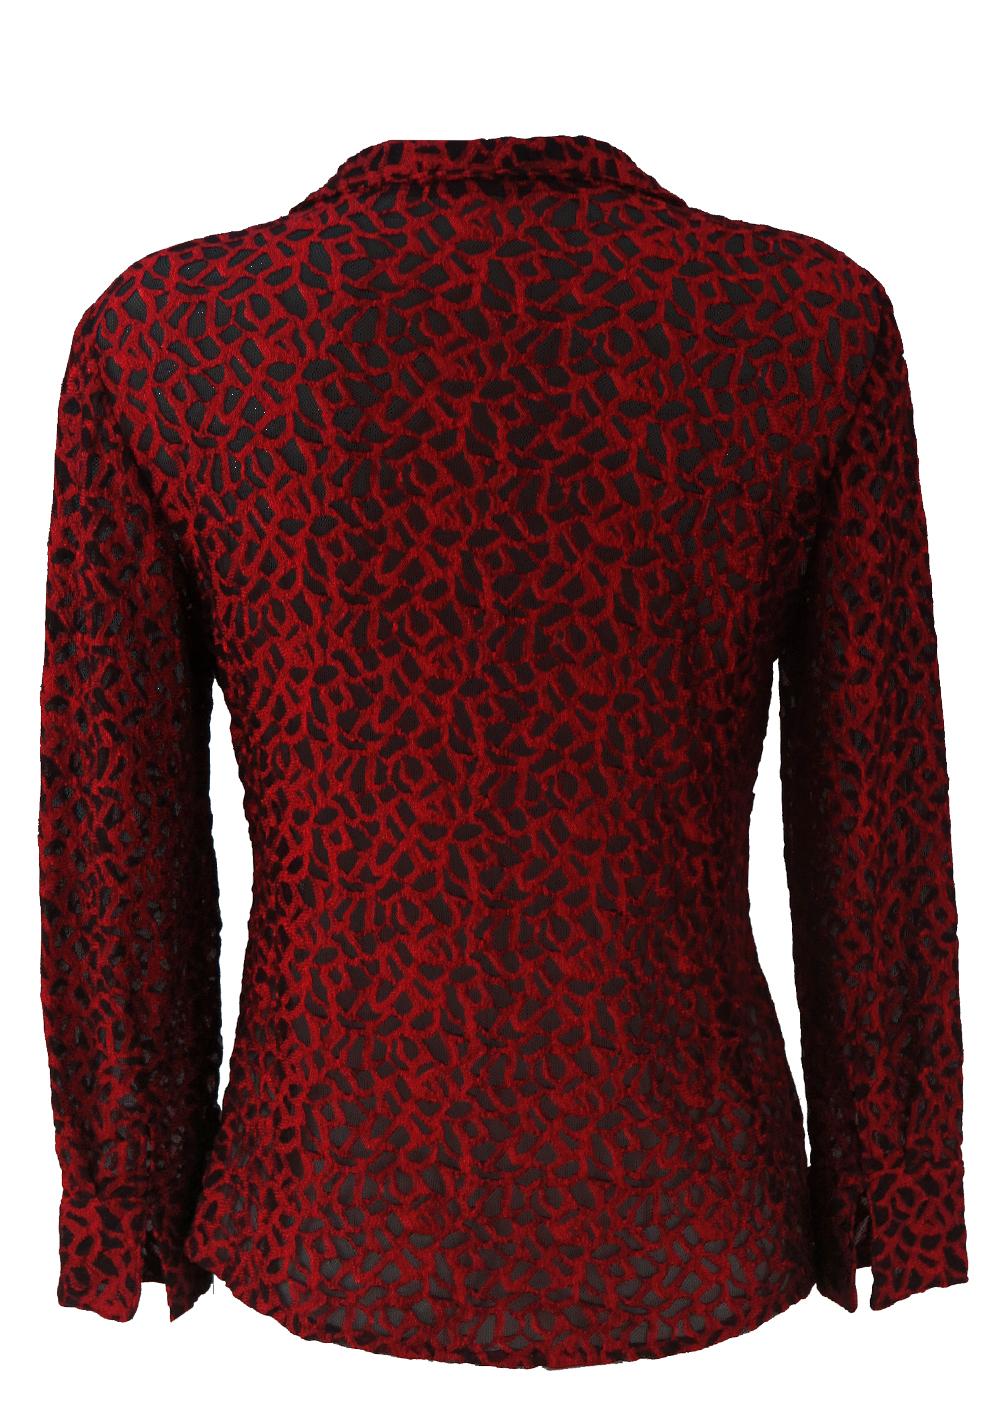 13d7534de4ba6 Semi Sheer Red & Black Patterned Stretch Net Blouse – M. Semi Sheer Red & Black  Patterned Stretch Net Blouse ...